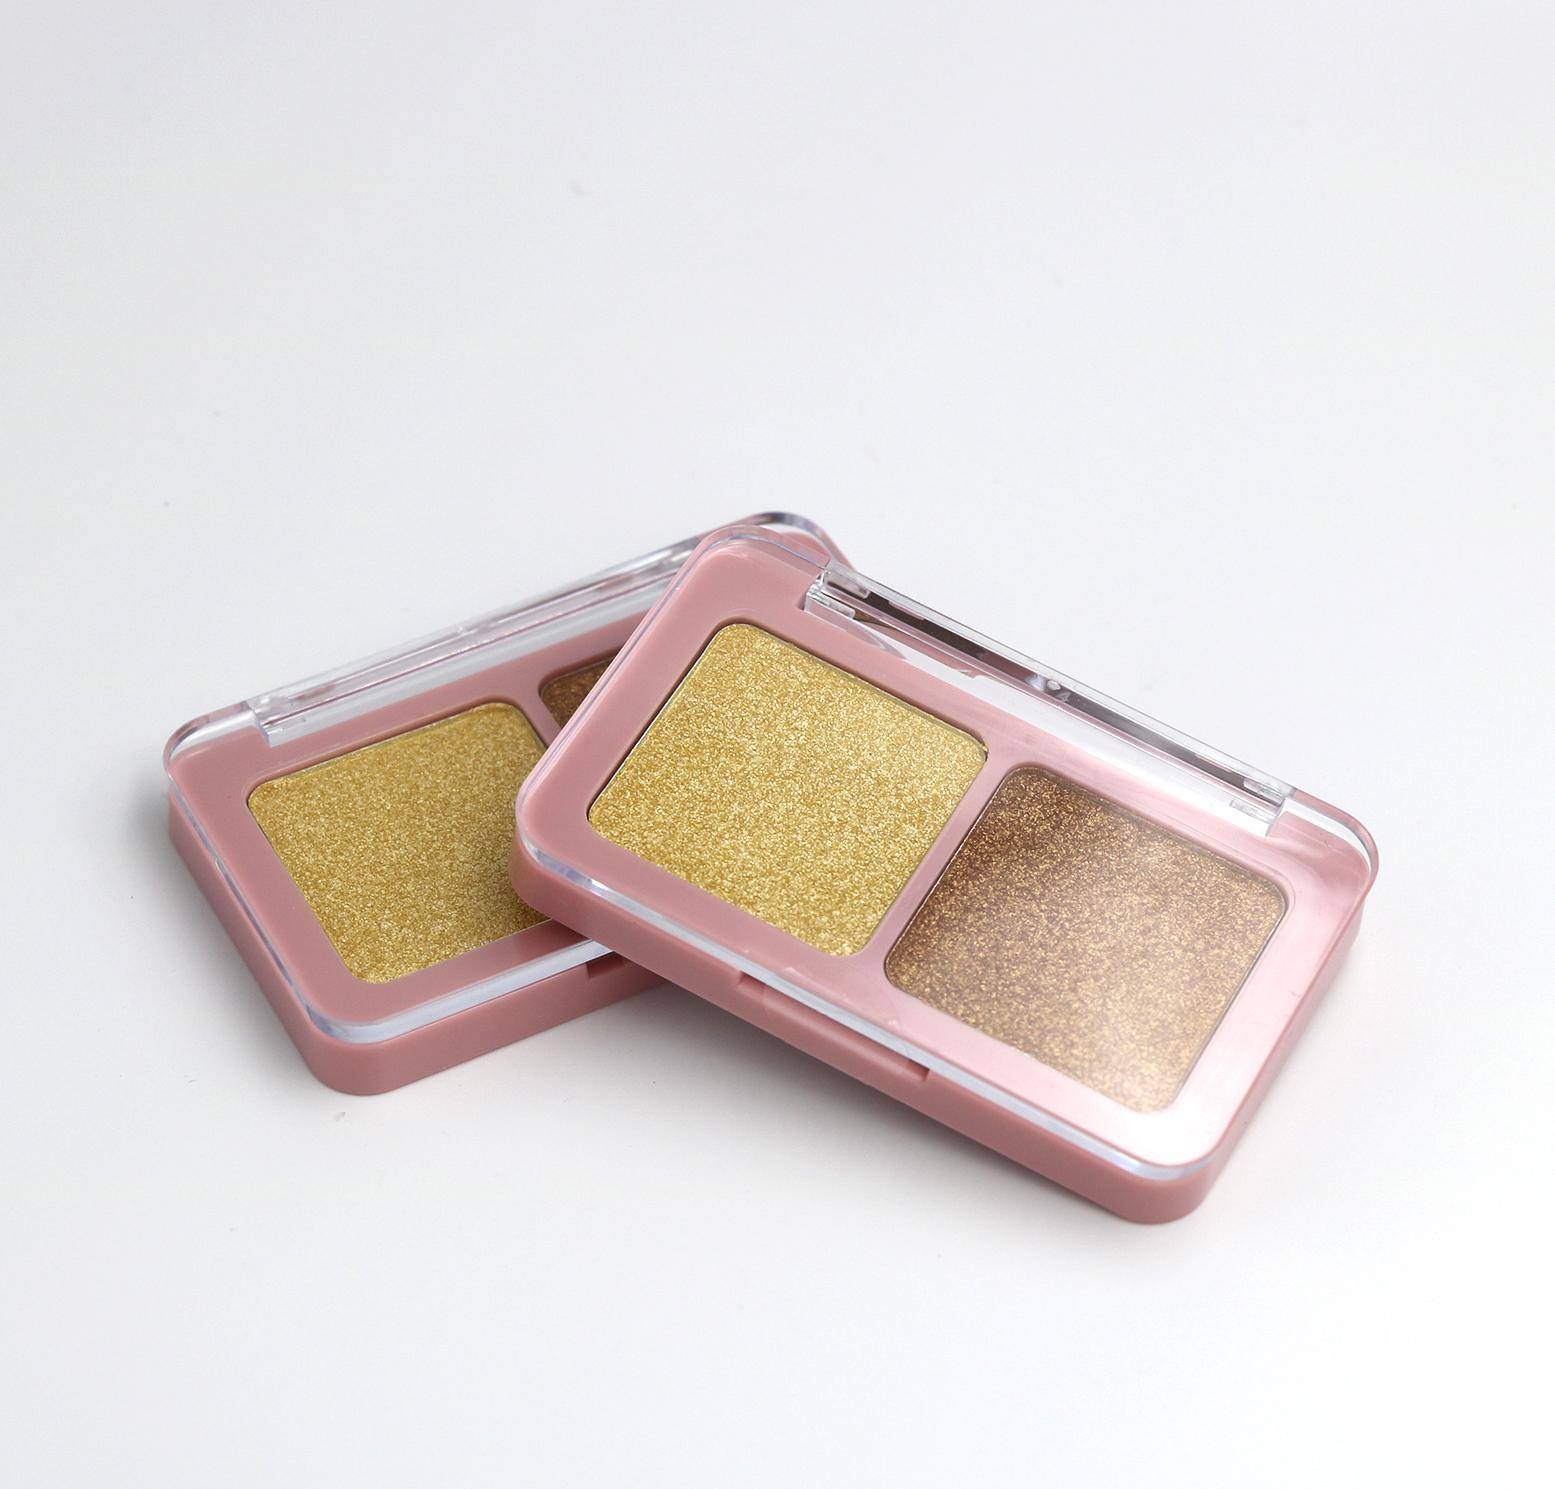 Private label 2 colors Bronzer Palette - FA0243